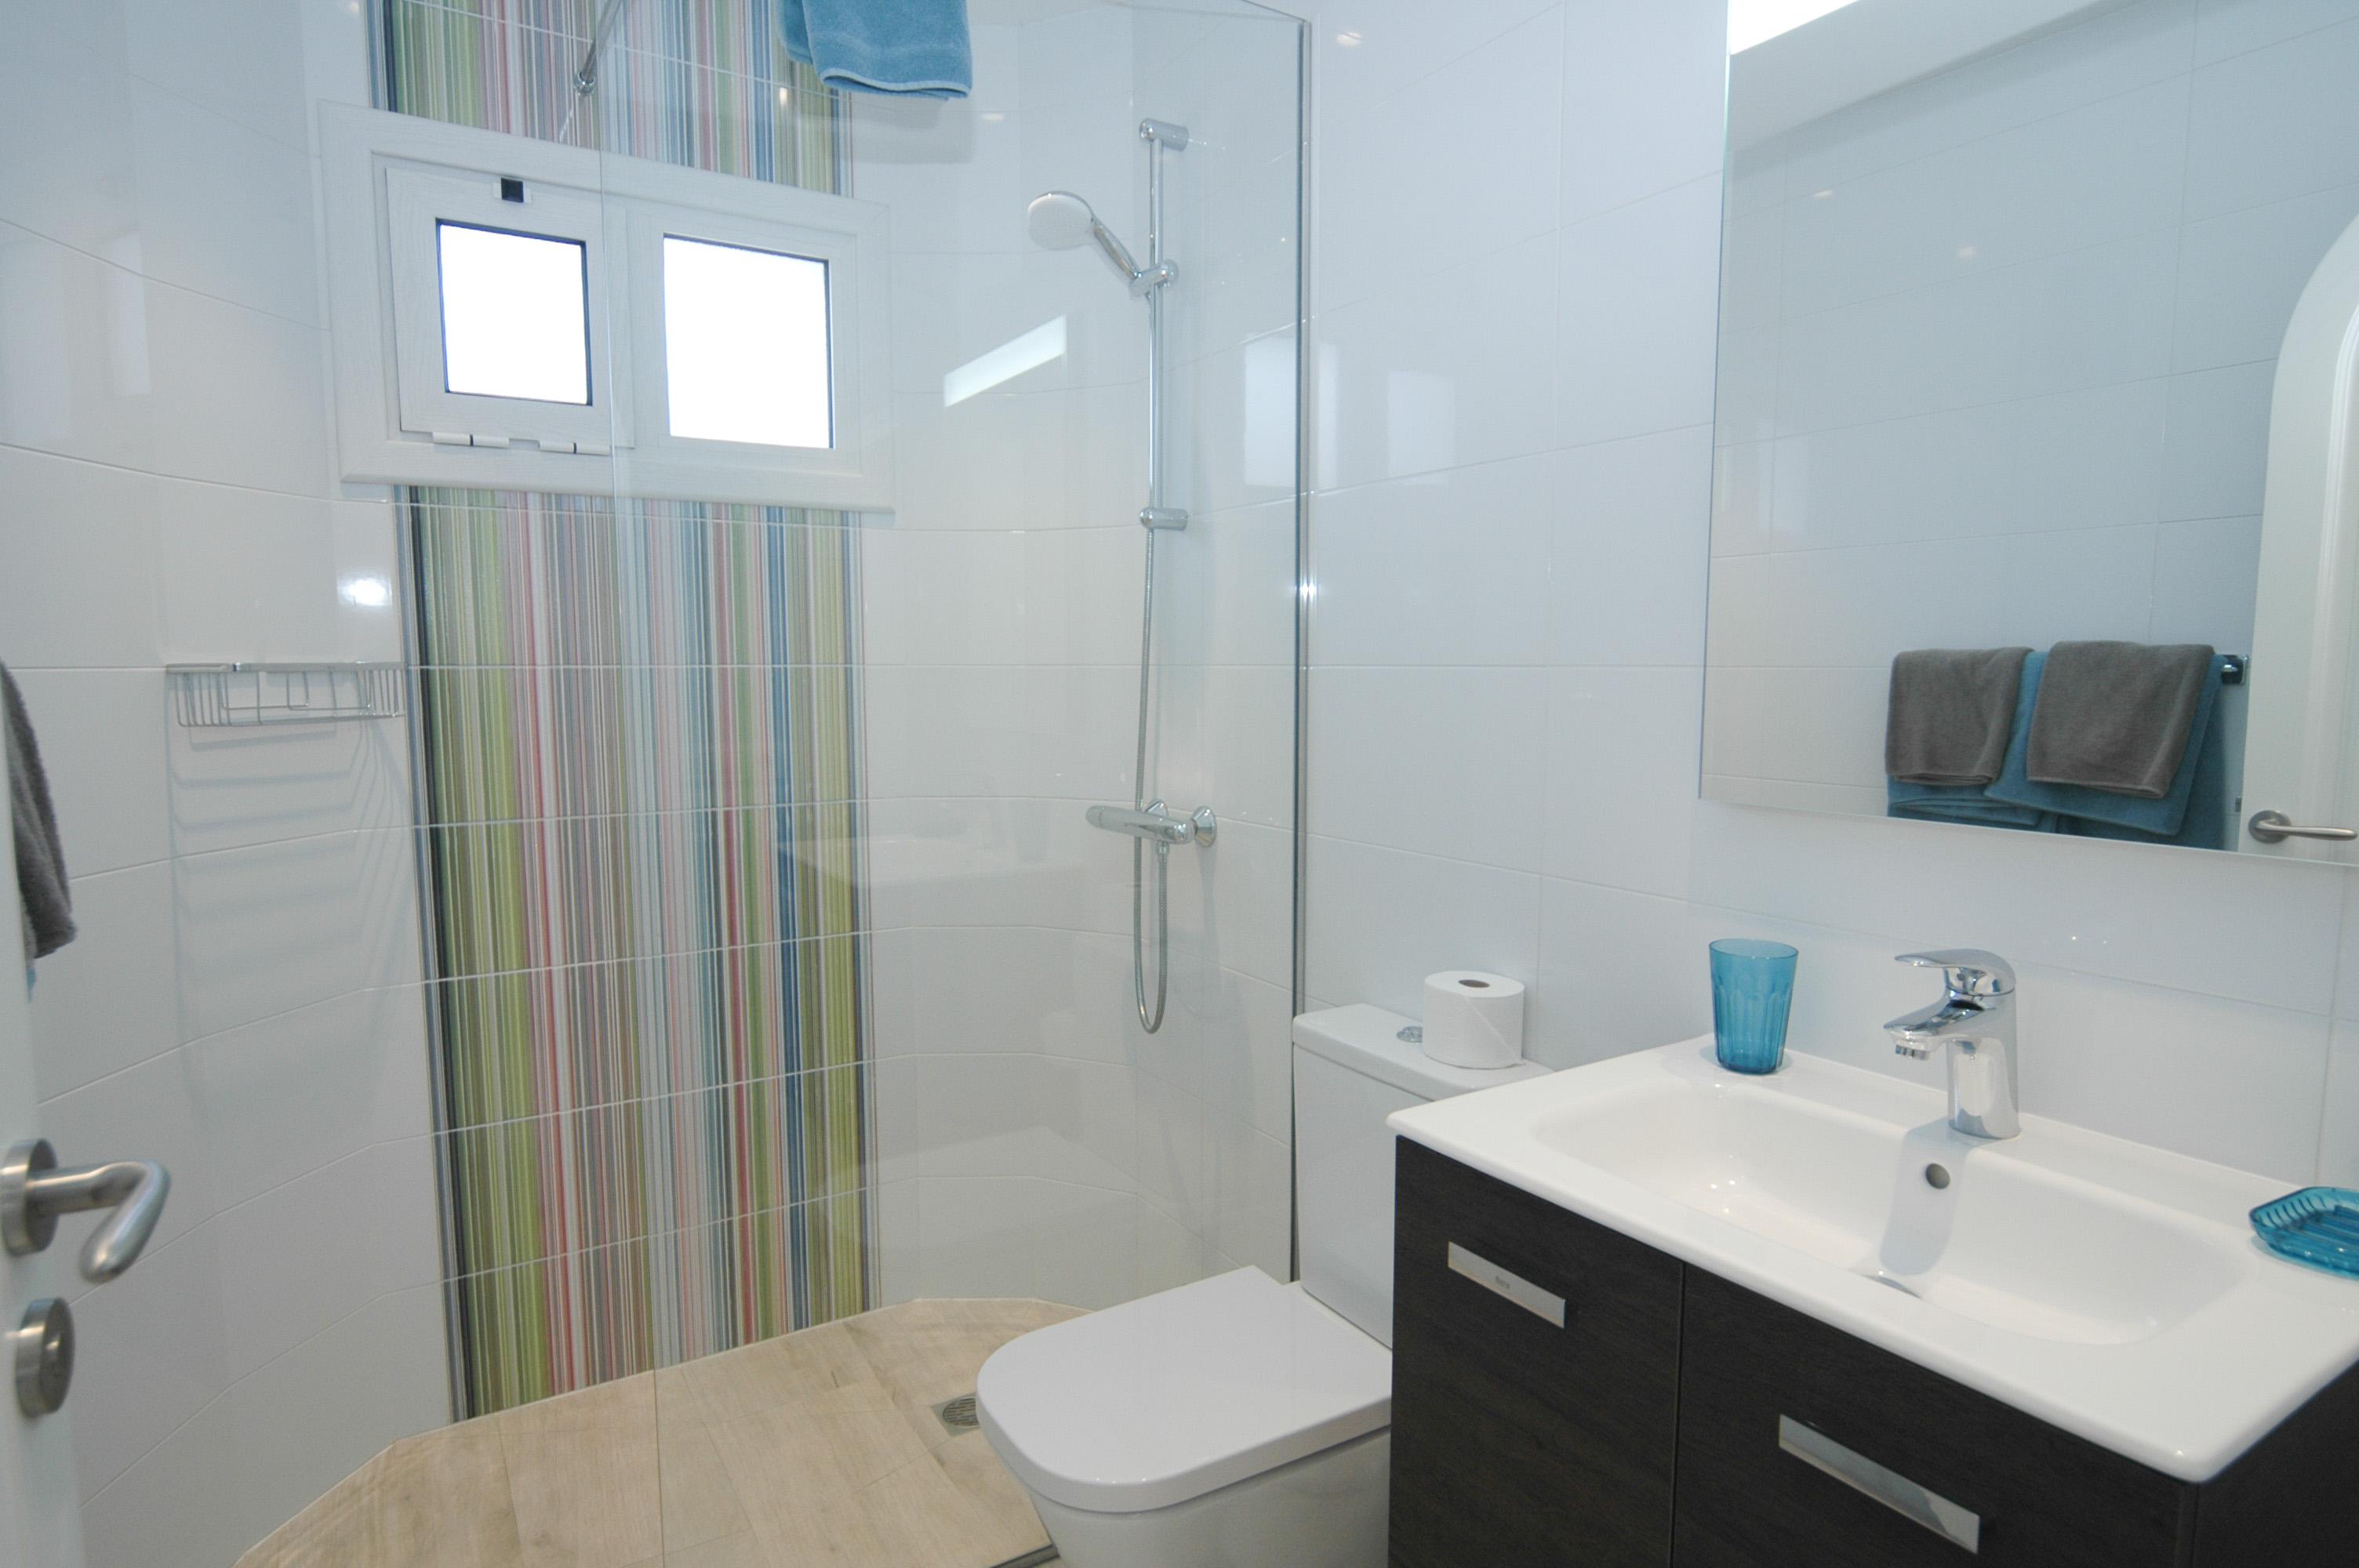 LVC327328 shared shower room